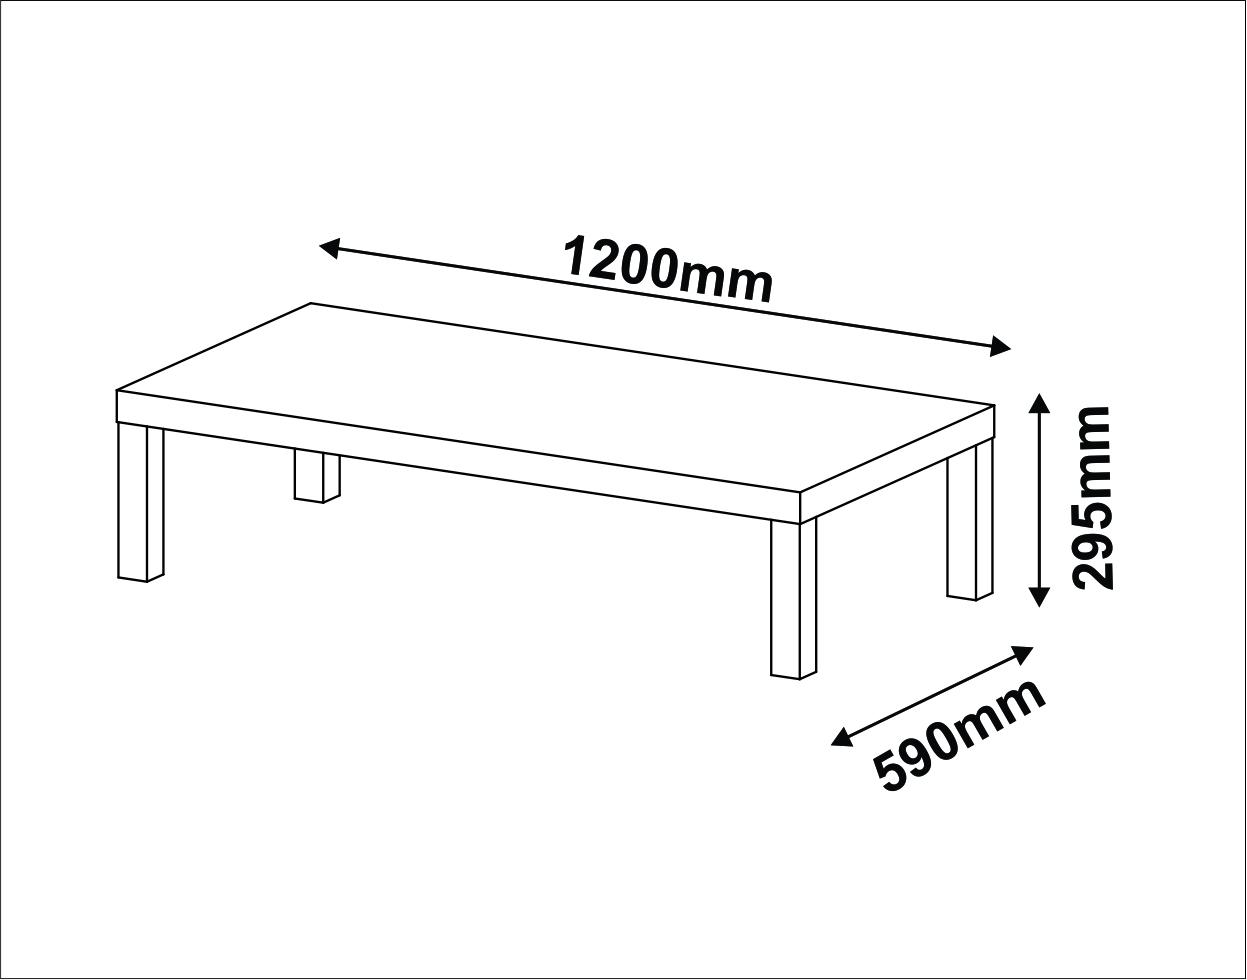 Medidas de una mesa de centro para sala